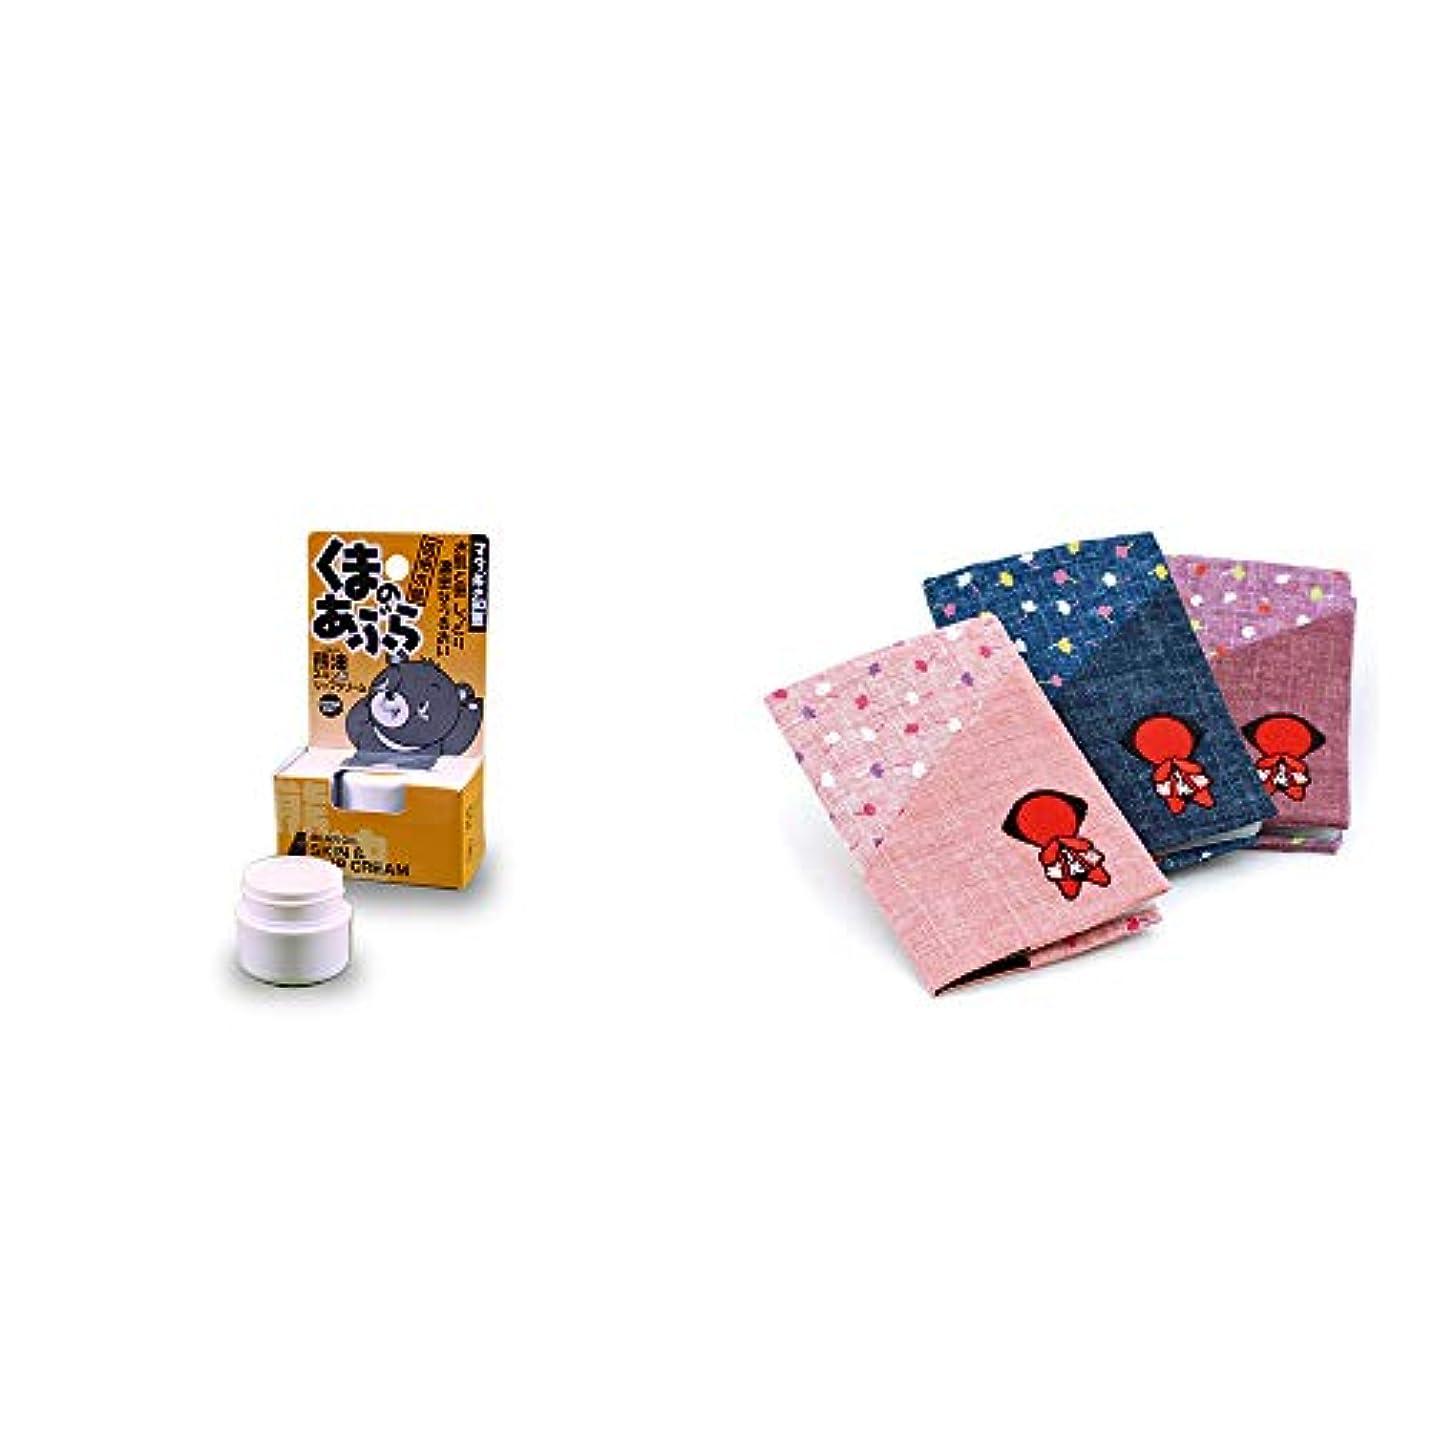 フォーマル愛情幻滅[2点セット] 信州木曽 くまのあぶら 熊油スキン&リップクリーム(9g)?おねがいさるぼぼ カードケース【ピンク】